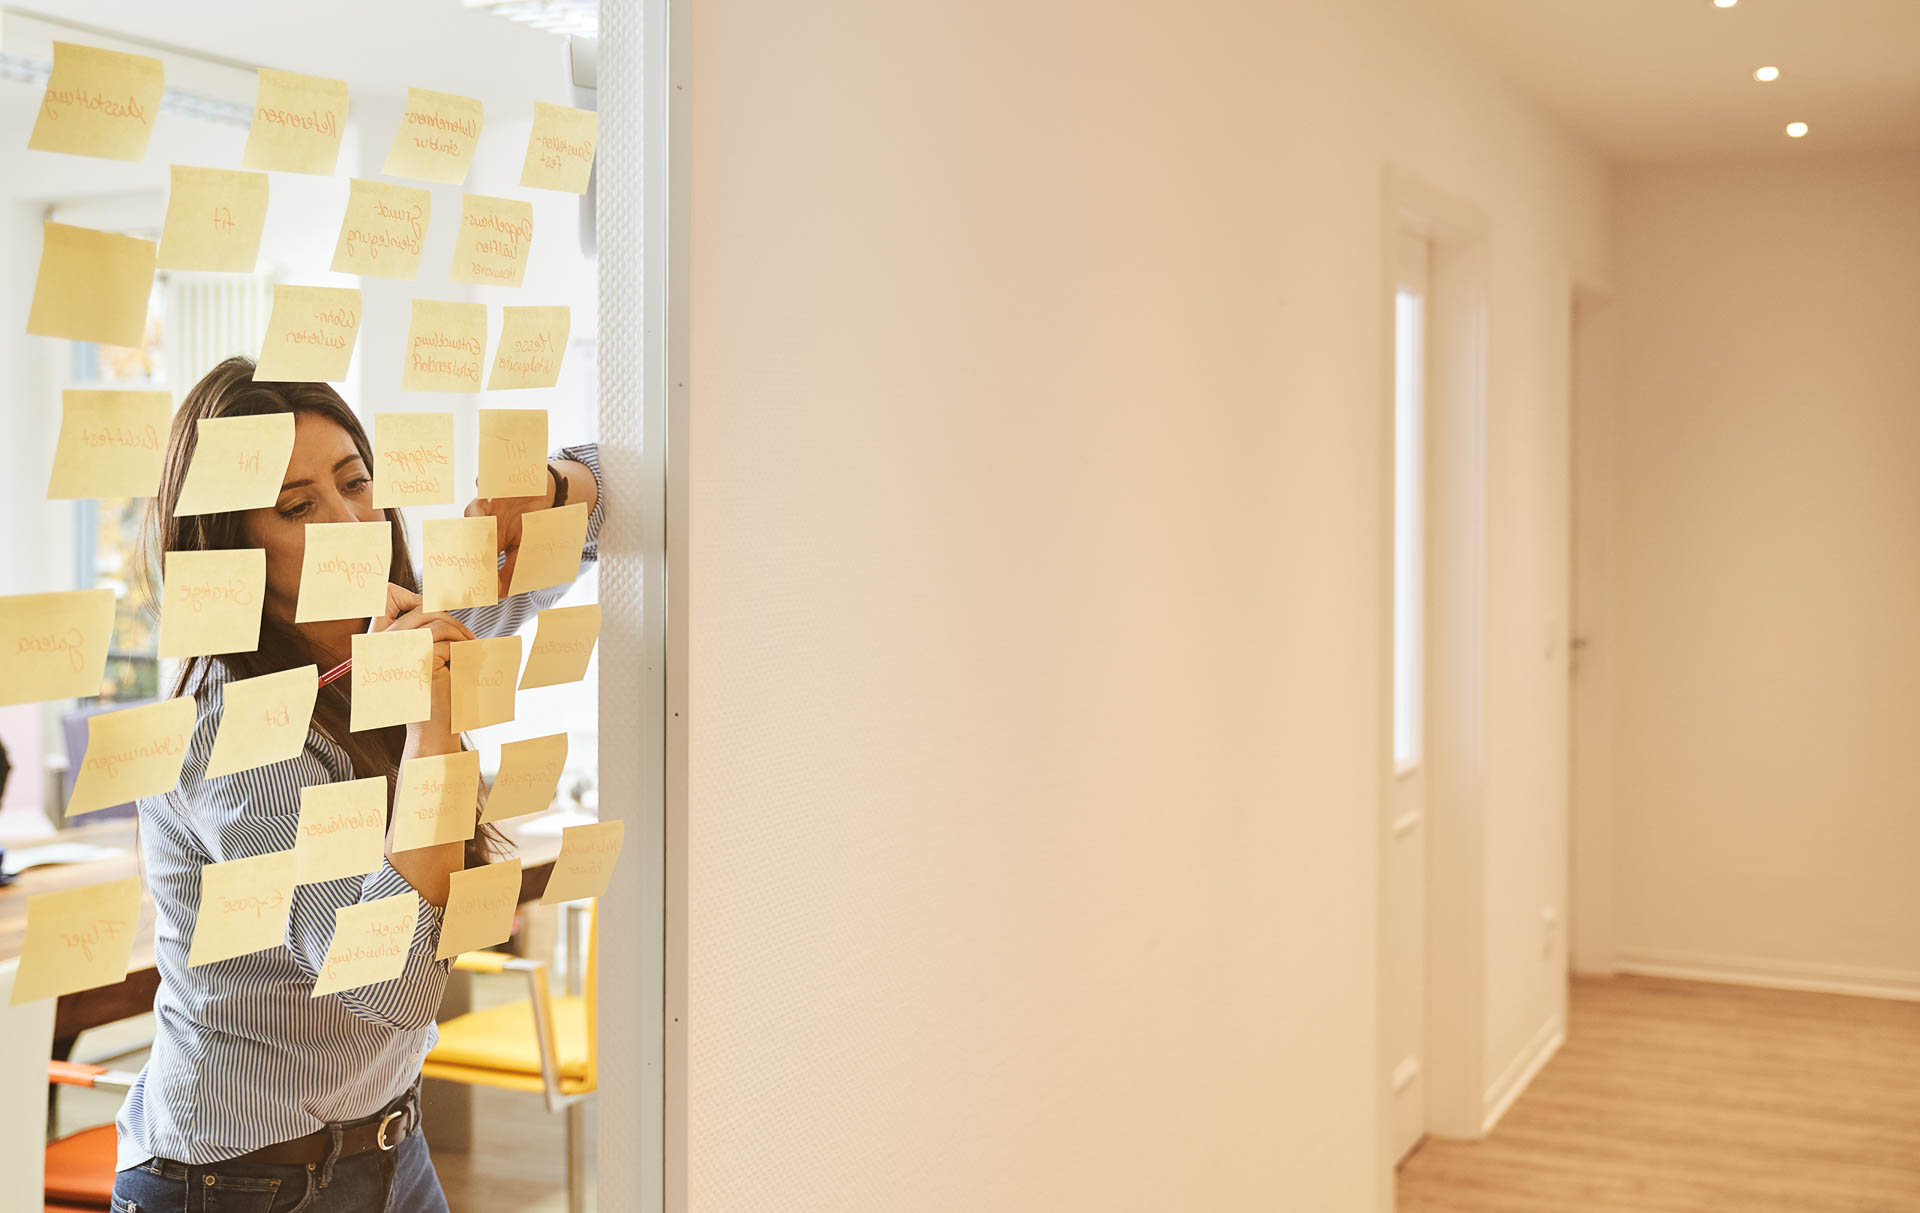 Corporateshooting für die neue Webseite und zur Gewinnung von neuen Mitarbeitern. Fotografiert in einer Villa in Berlin Zehlendorf. Mitarbeiterin lehnt am Fenster und schreibt Notizen auf Post Its.